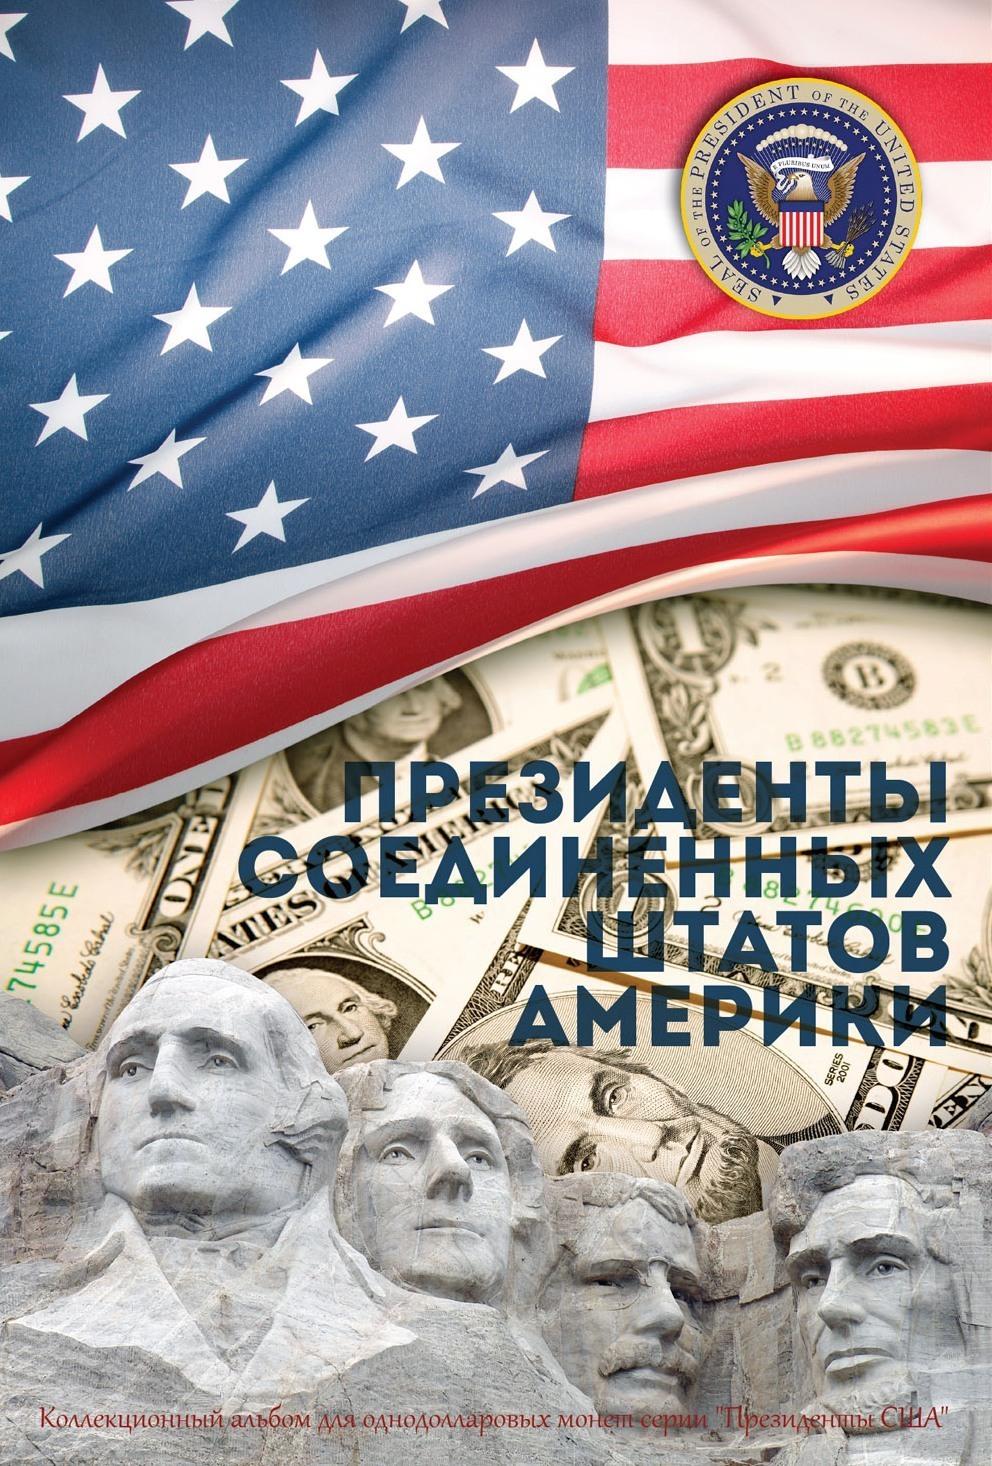 """Капсульный альбом для однодолларовых монет серии """"Президенты США"""" 00390"""